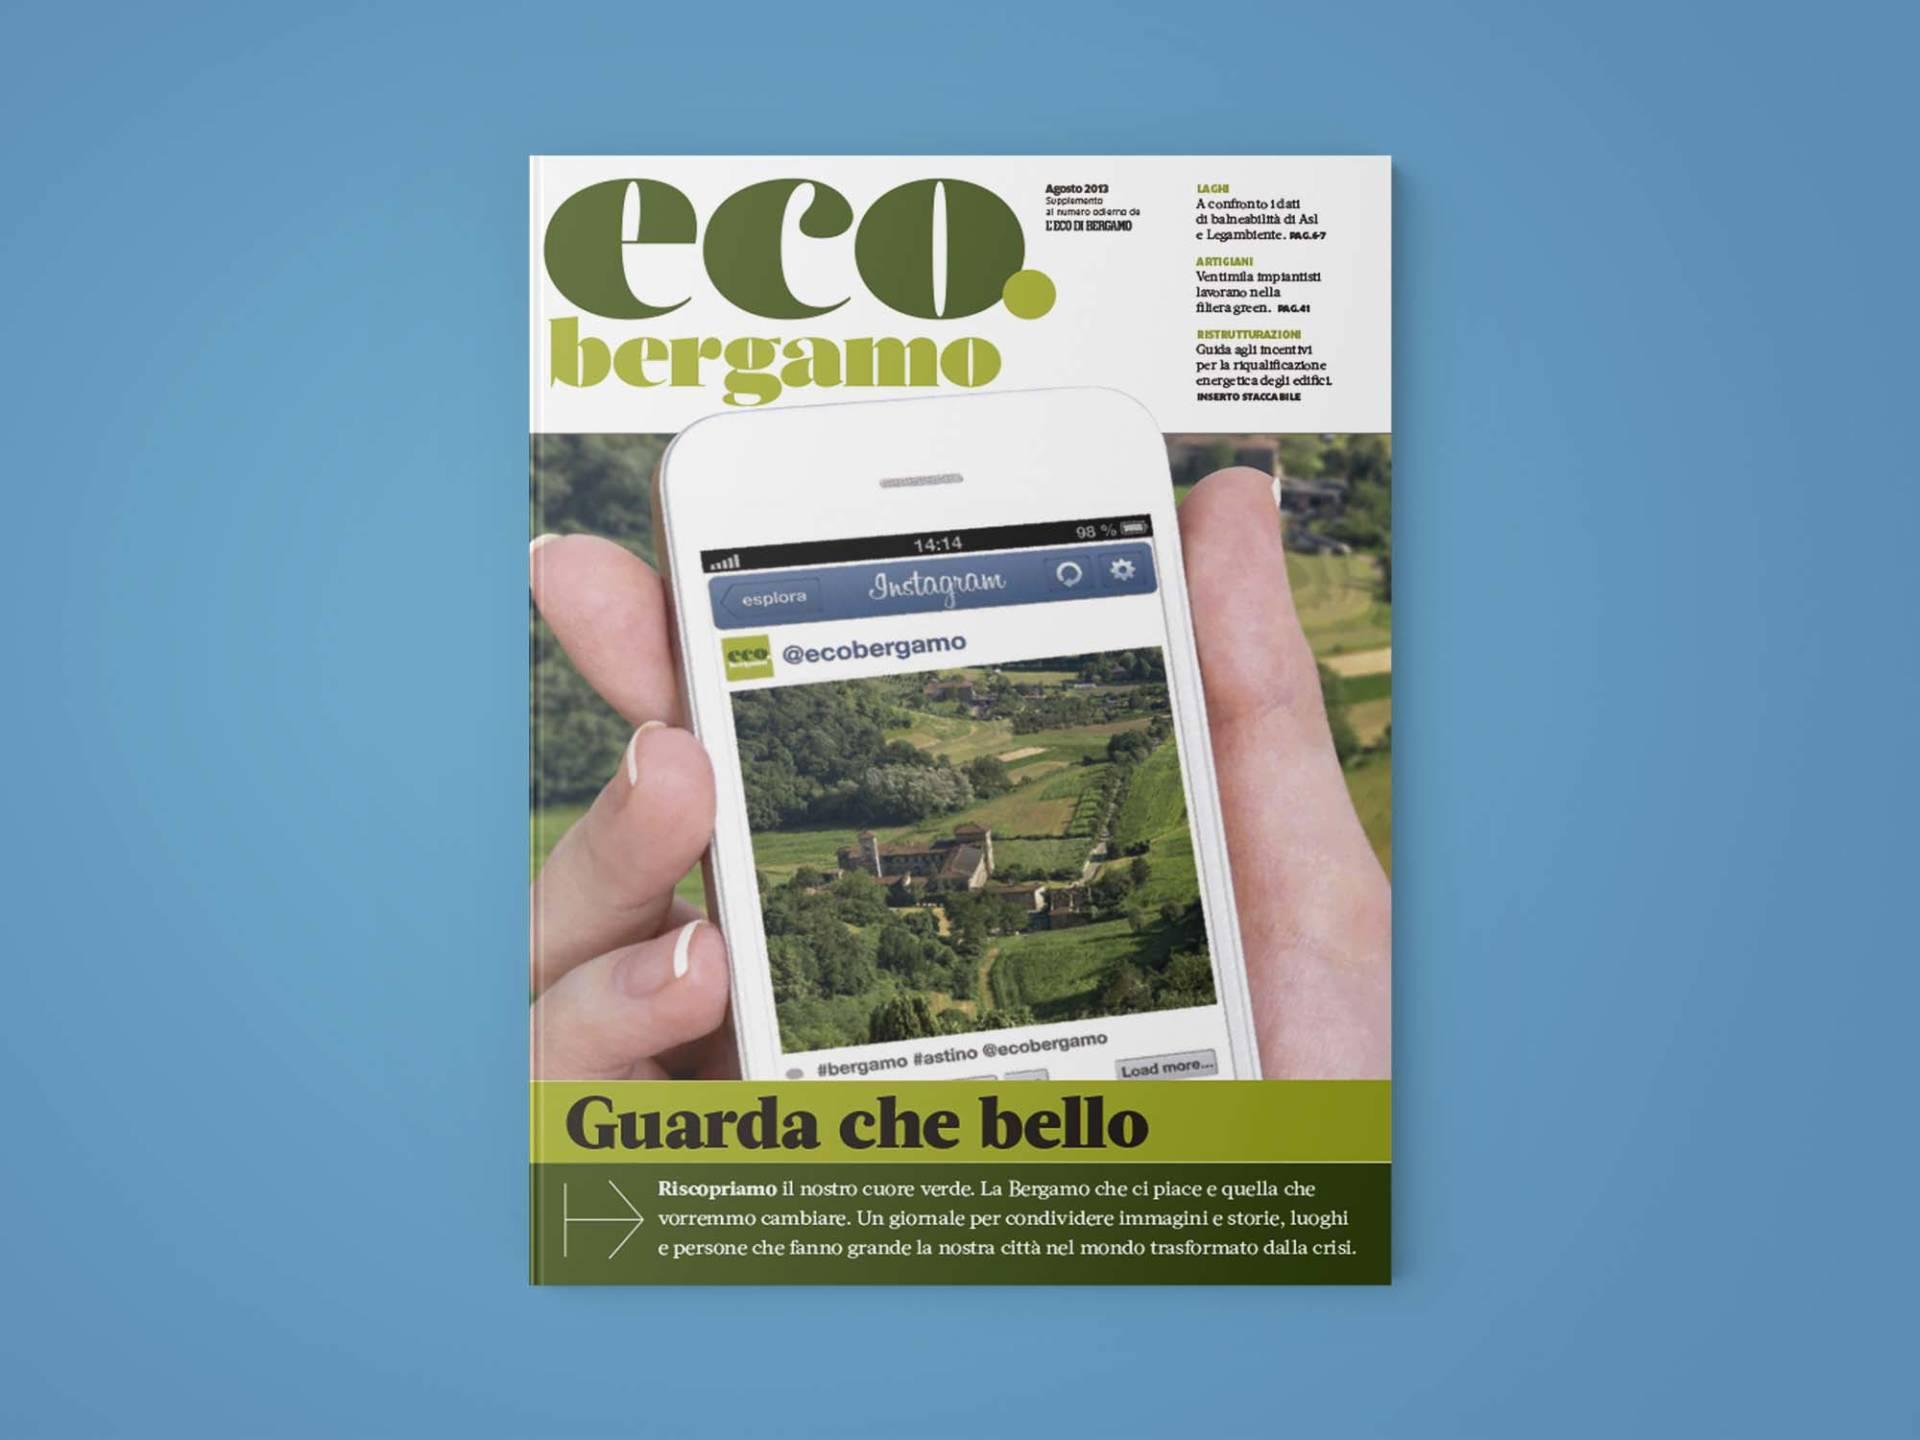 Eco.bergamo_01_Wenceslau_News_Design